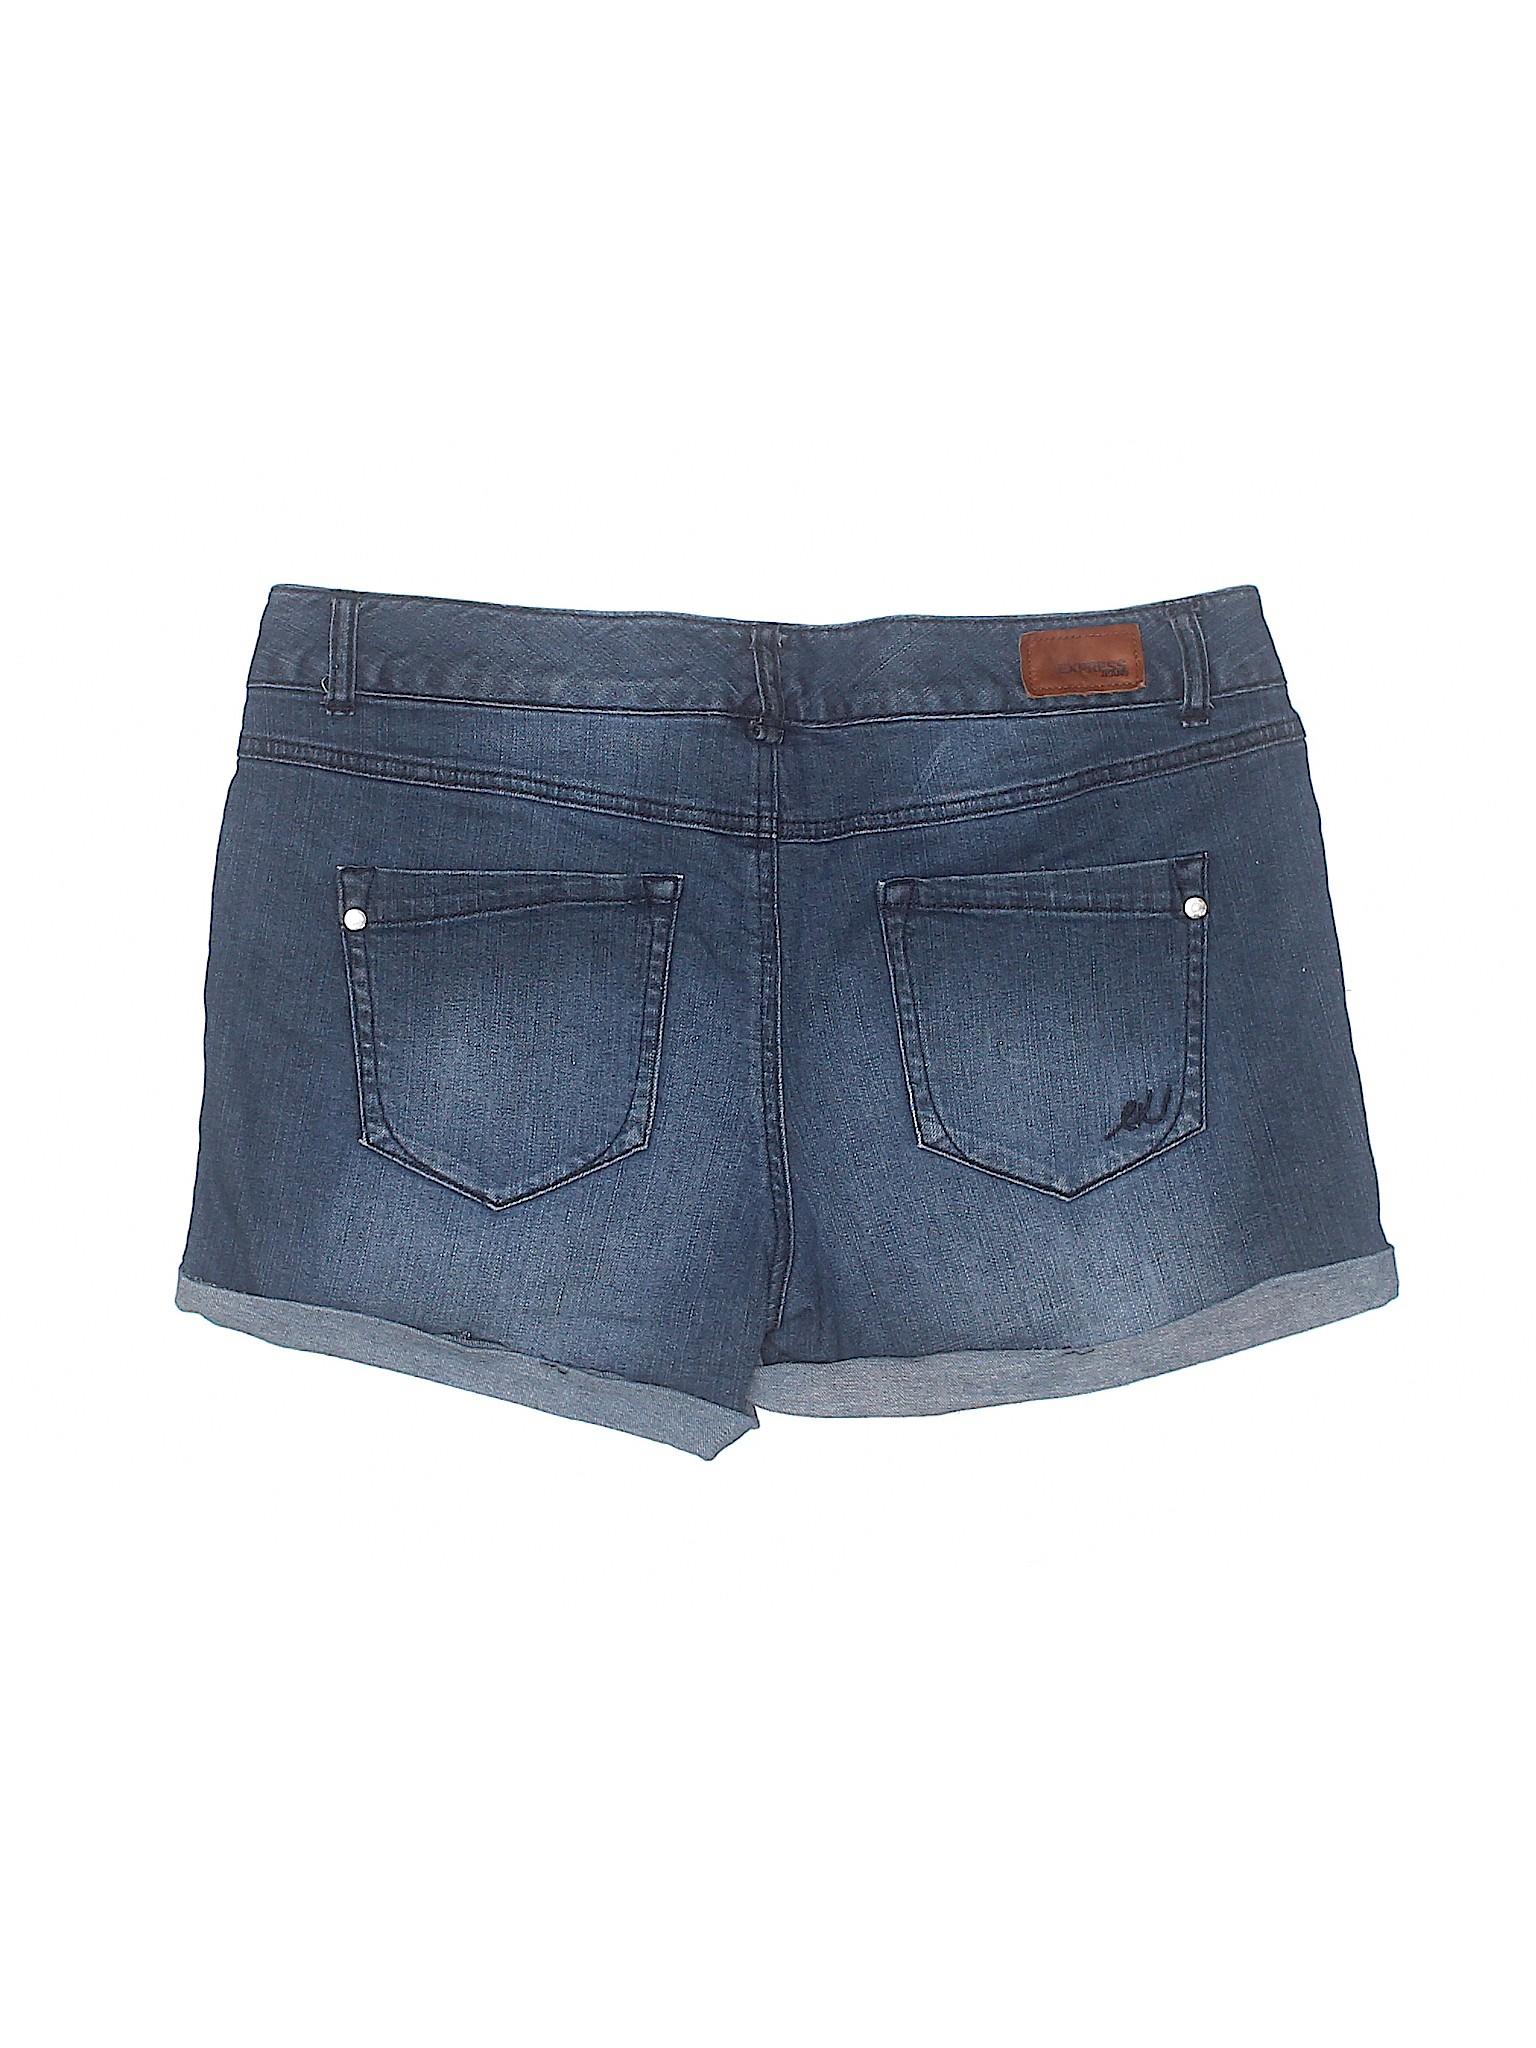 Denim Boutique Leisure Leisure Boutique Shorts Express Shorts Denim Boutique Express fq1vI